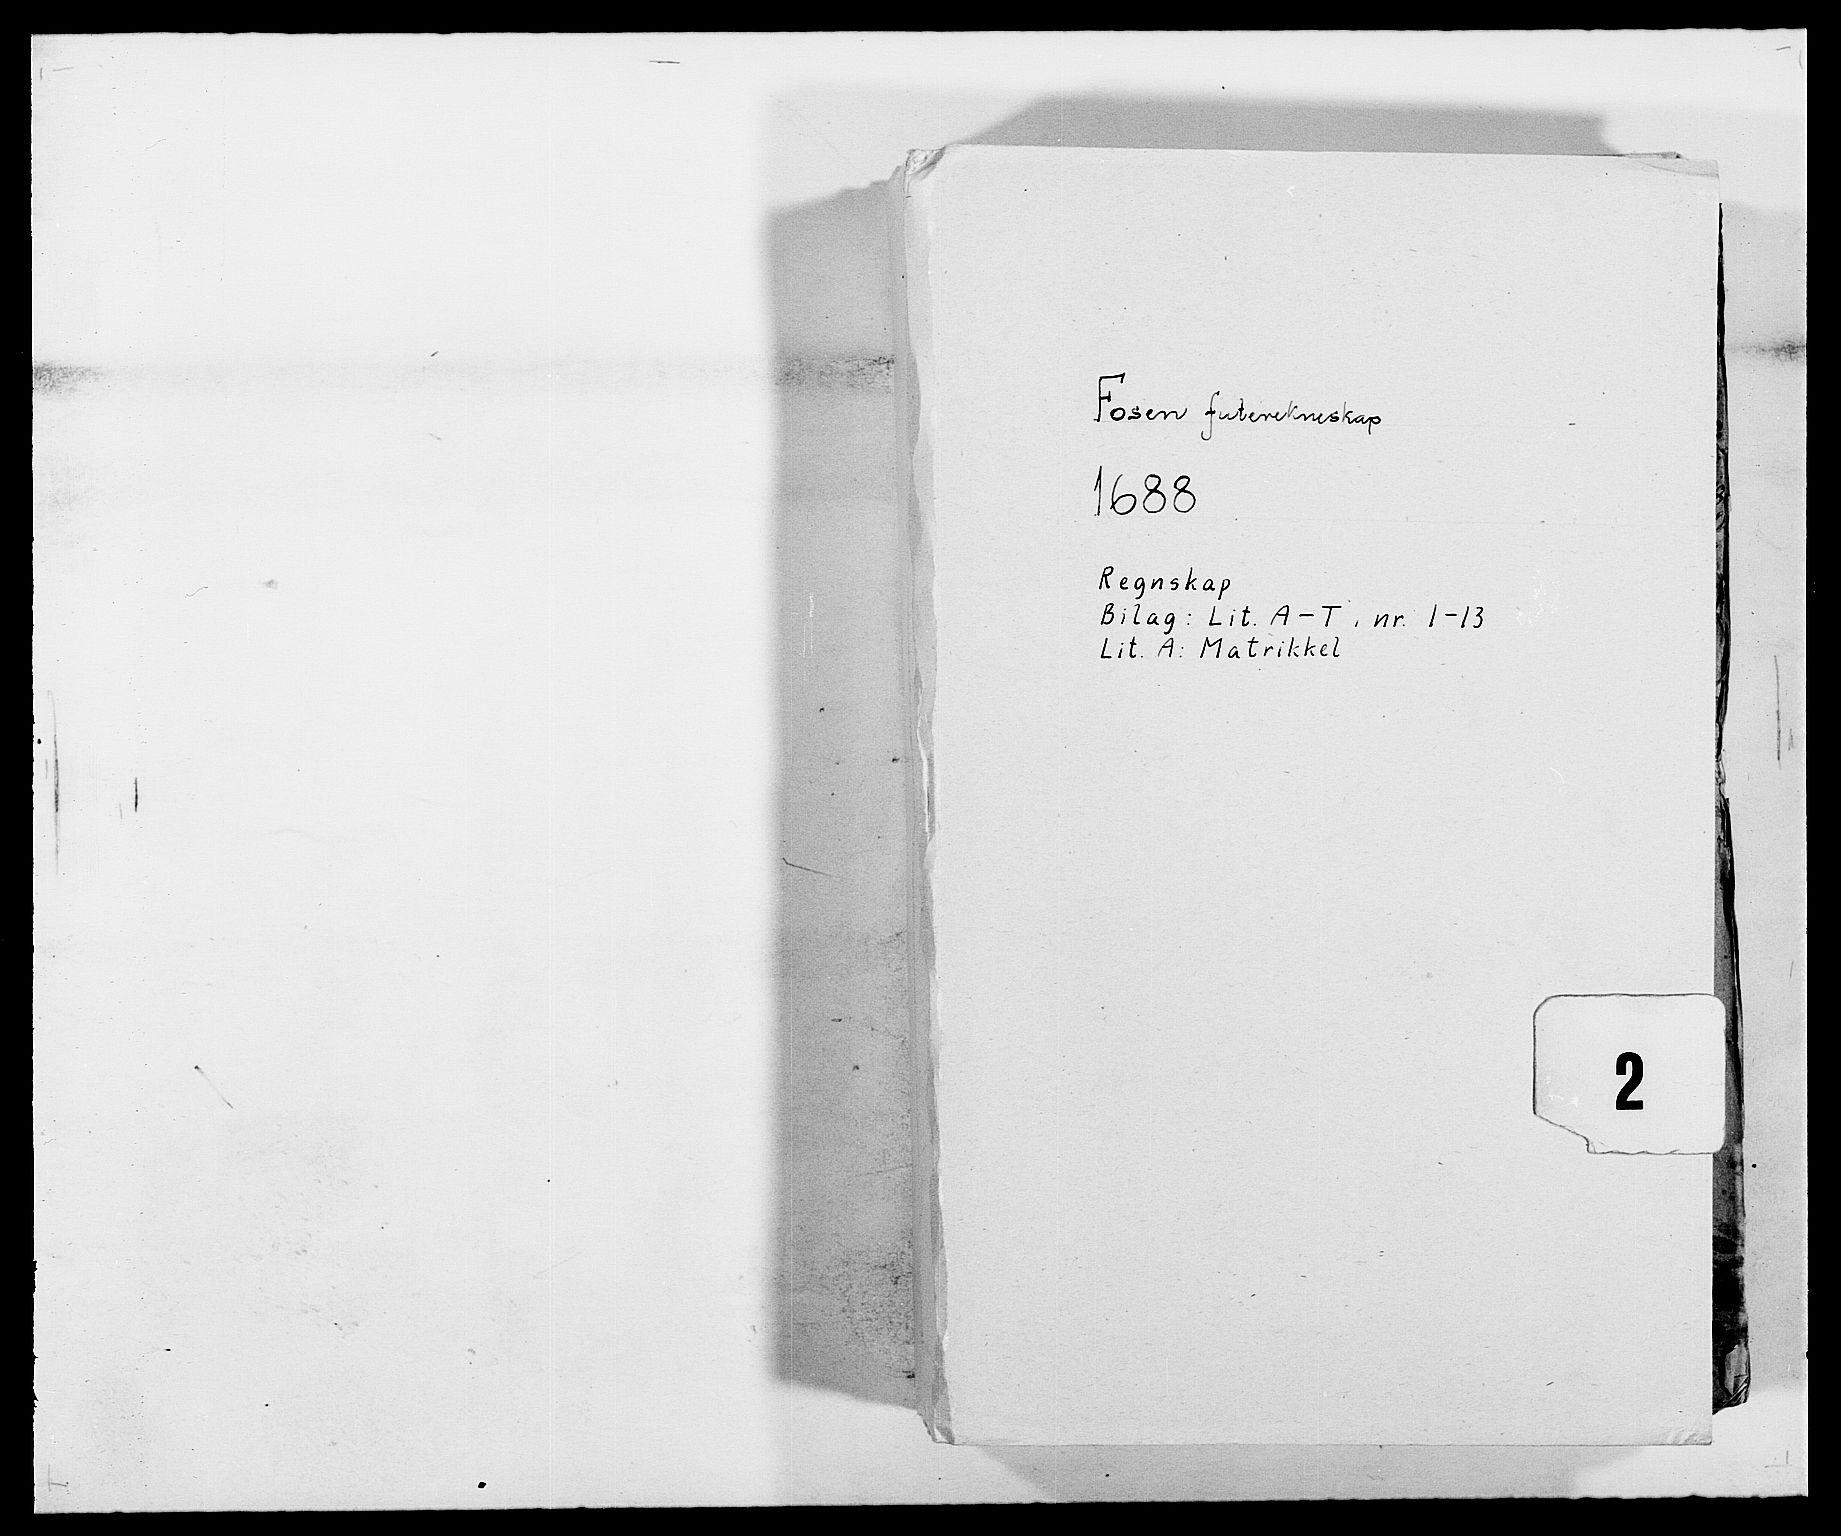 RA, Rentekammeret inntil 1814, Reviderte regnskaper, Fogderegnskap, R57/L3846: Fogderegnskap Fosen, 1688, s. 1